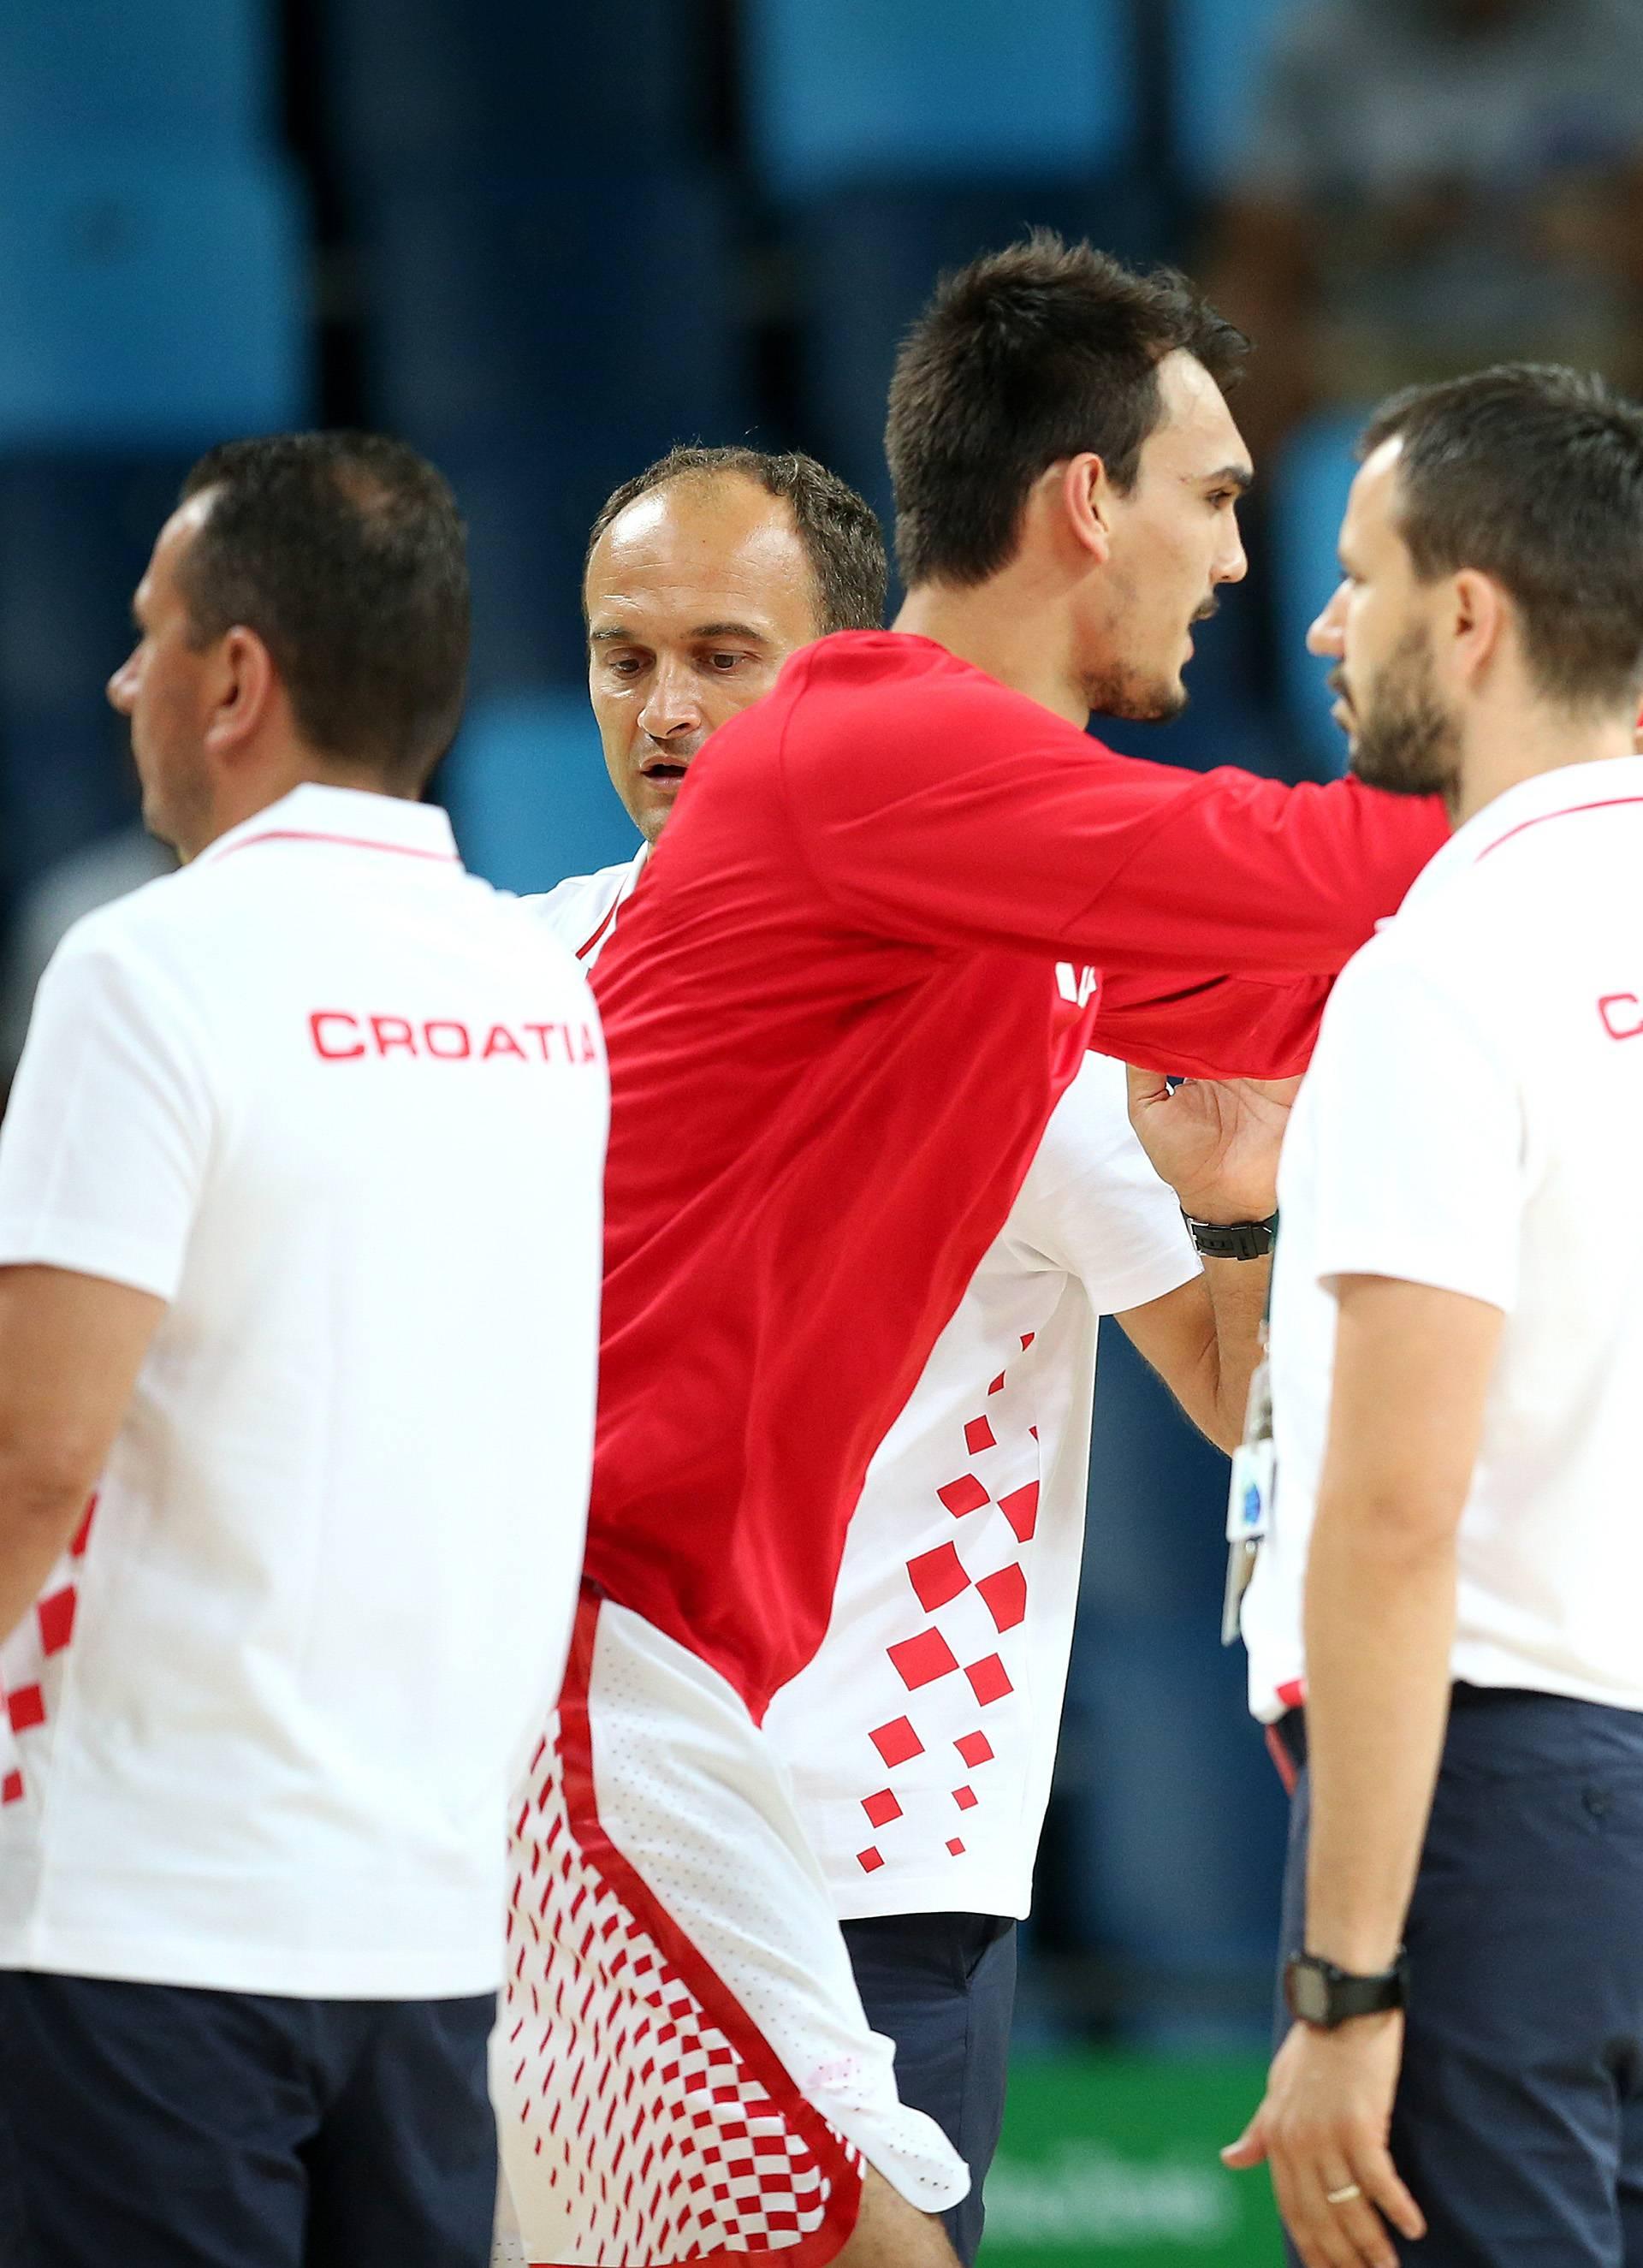 Aco: Bilo je sve super do 14.8., a onda je Šarić postao čudan...